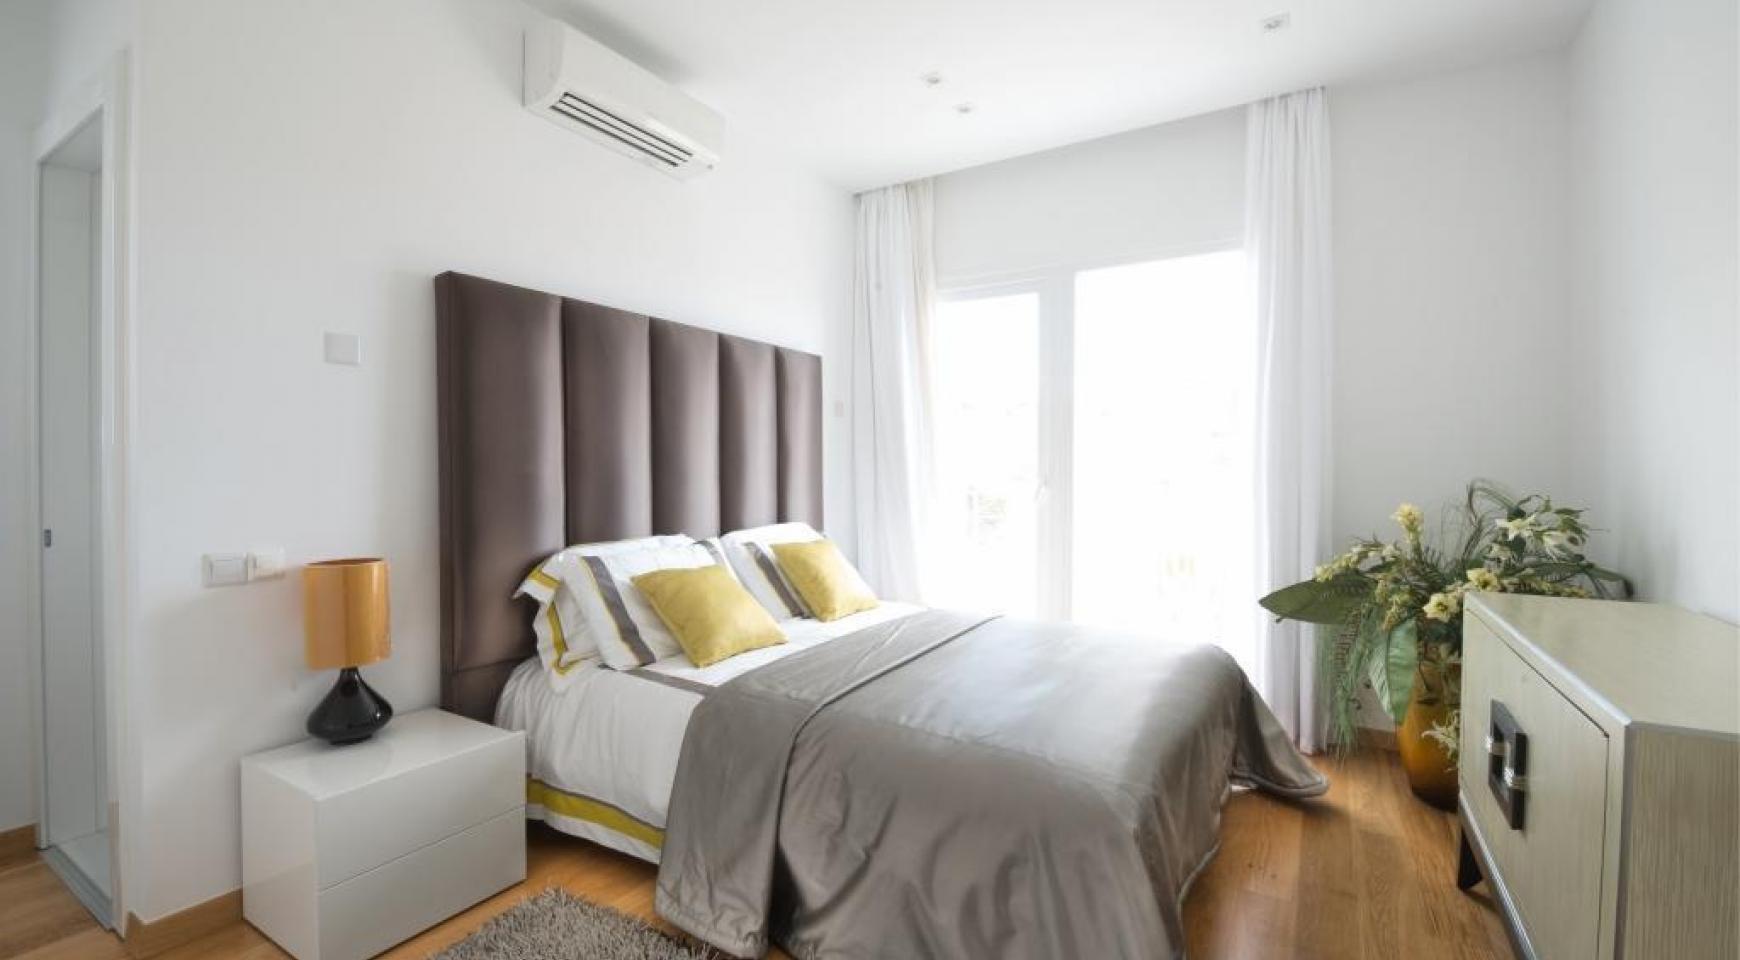 4 Bedroom Villa with Sea Views in Agios Tychonas - 12